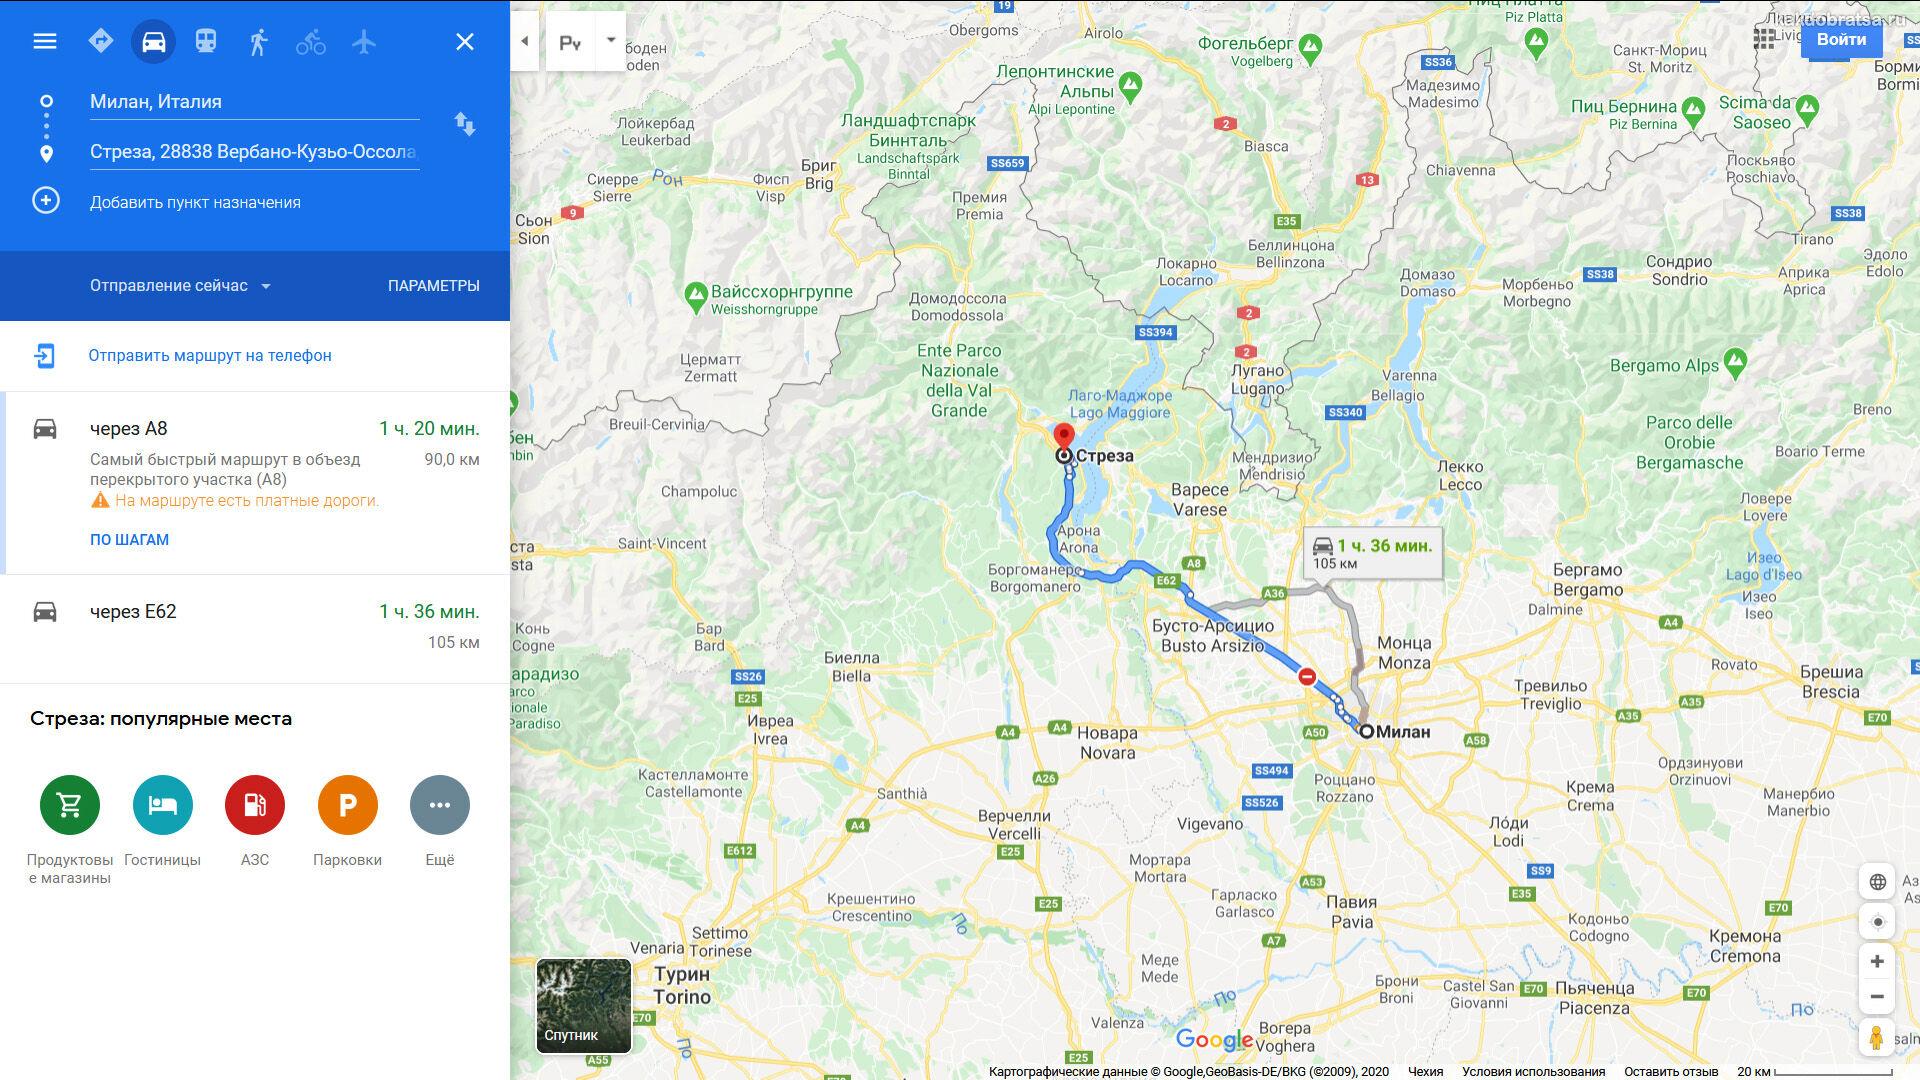 Из Милана до озера Маджоре карта и расстояние